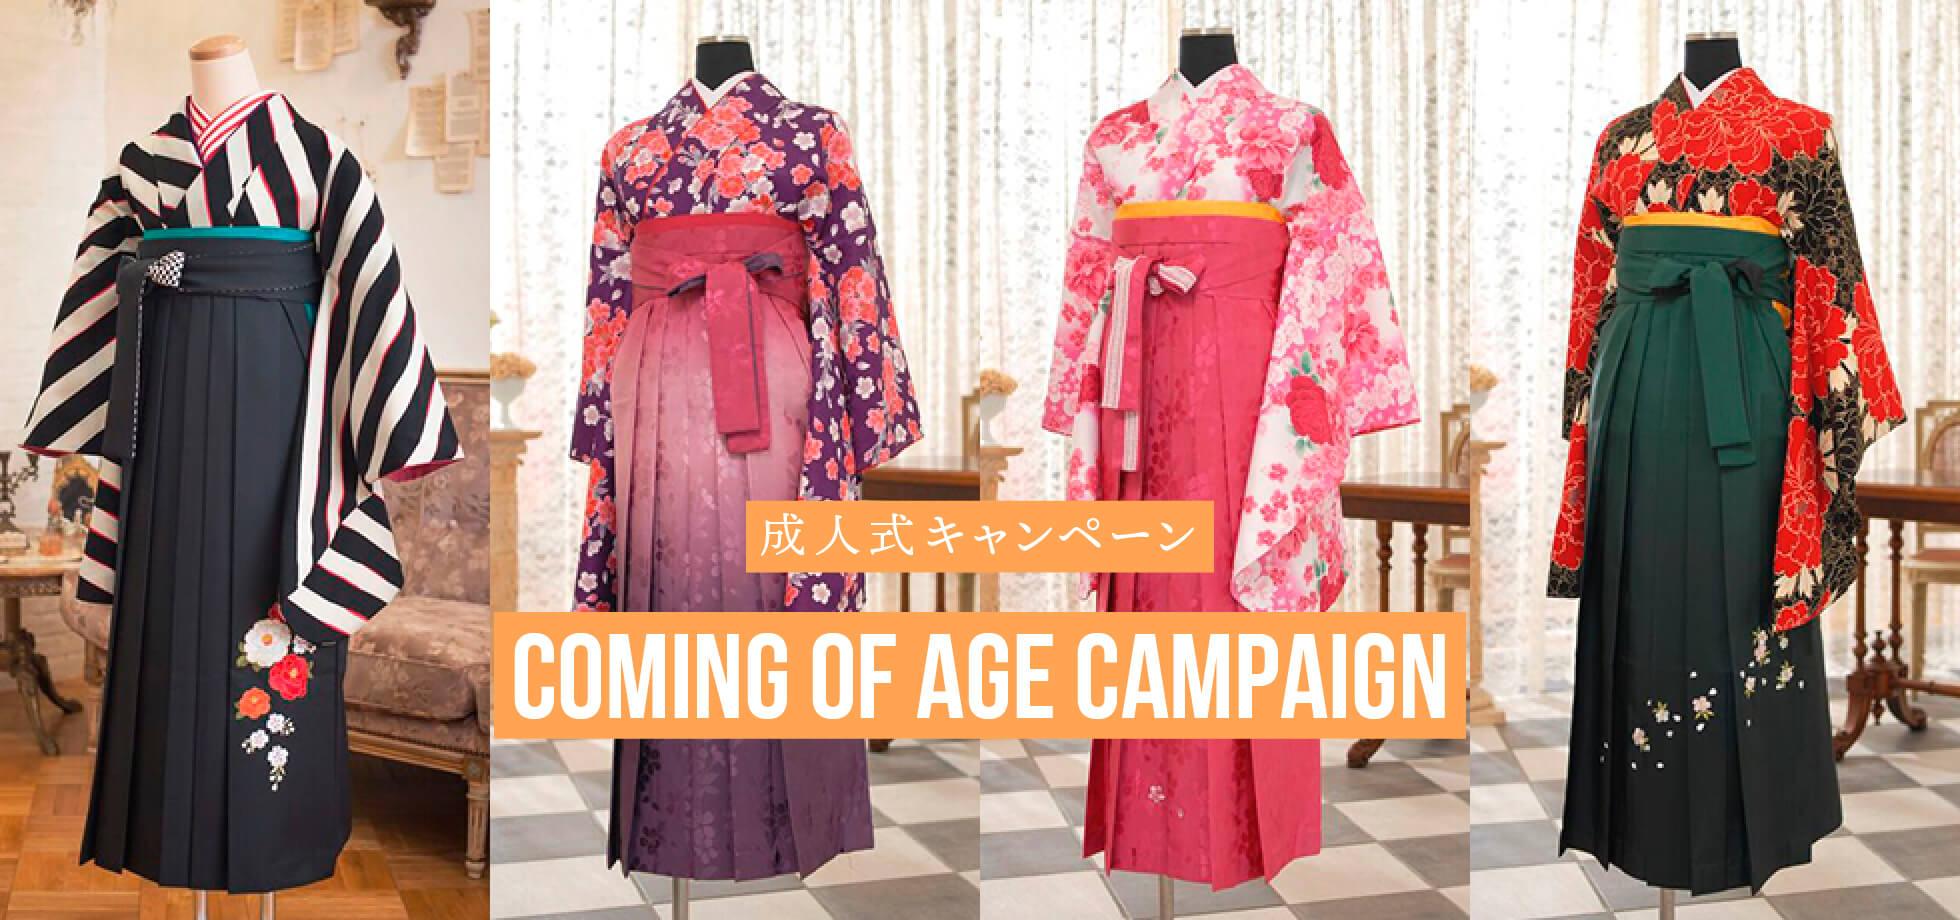 成人式キャンペーン COMING OF AGE CAMPAIGN